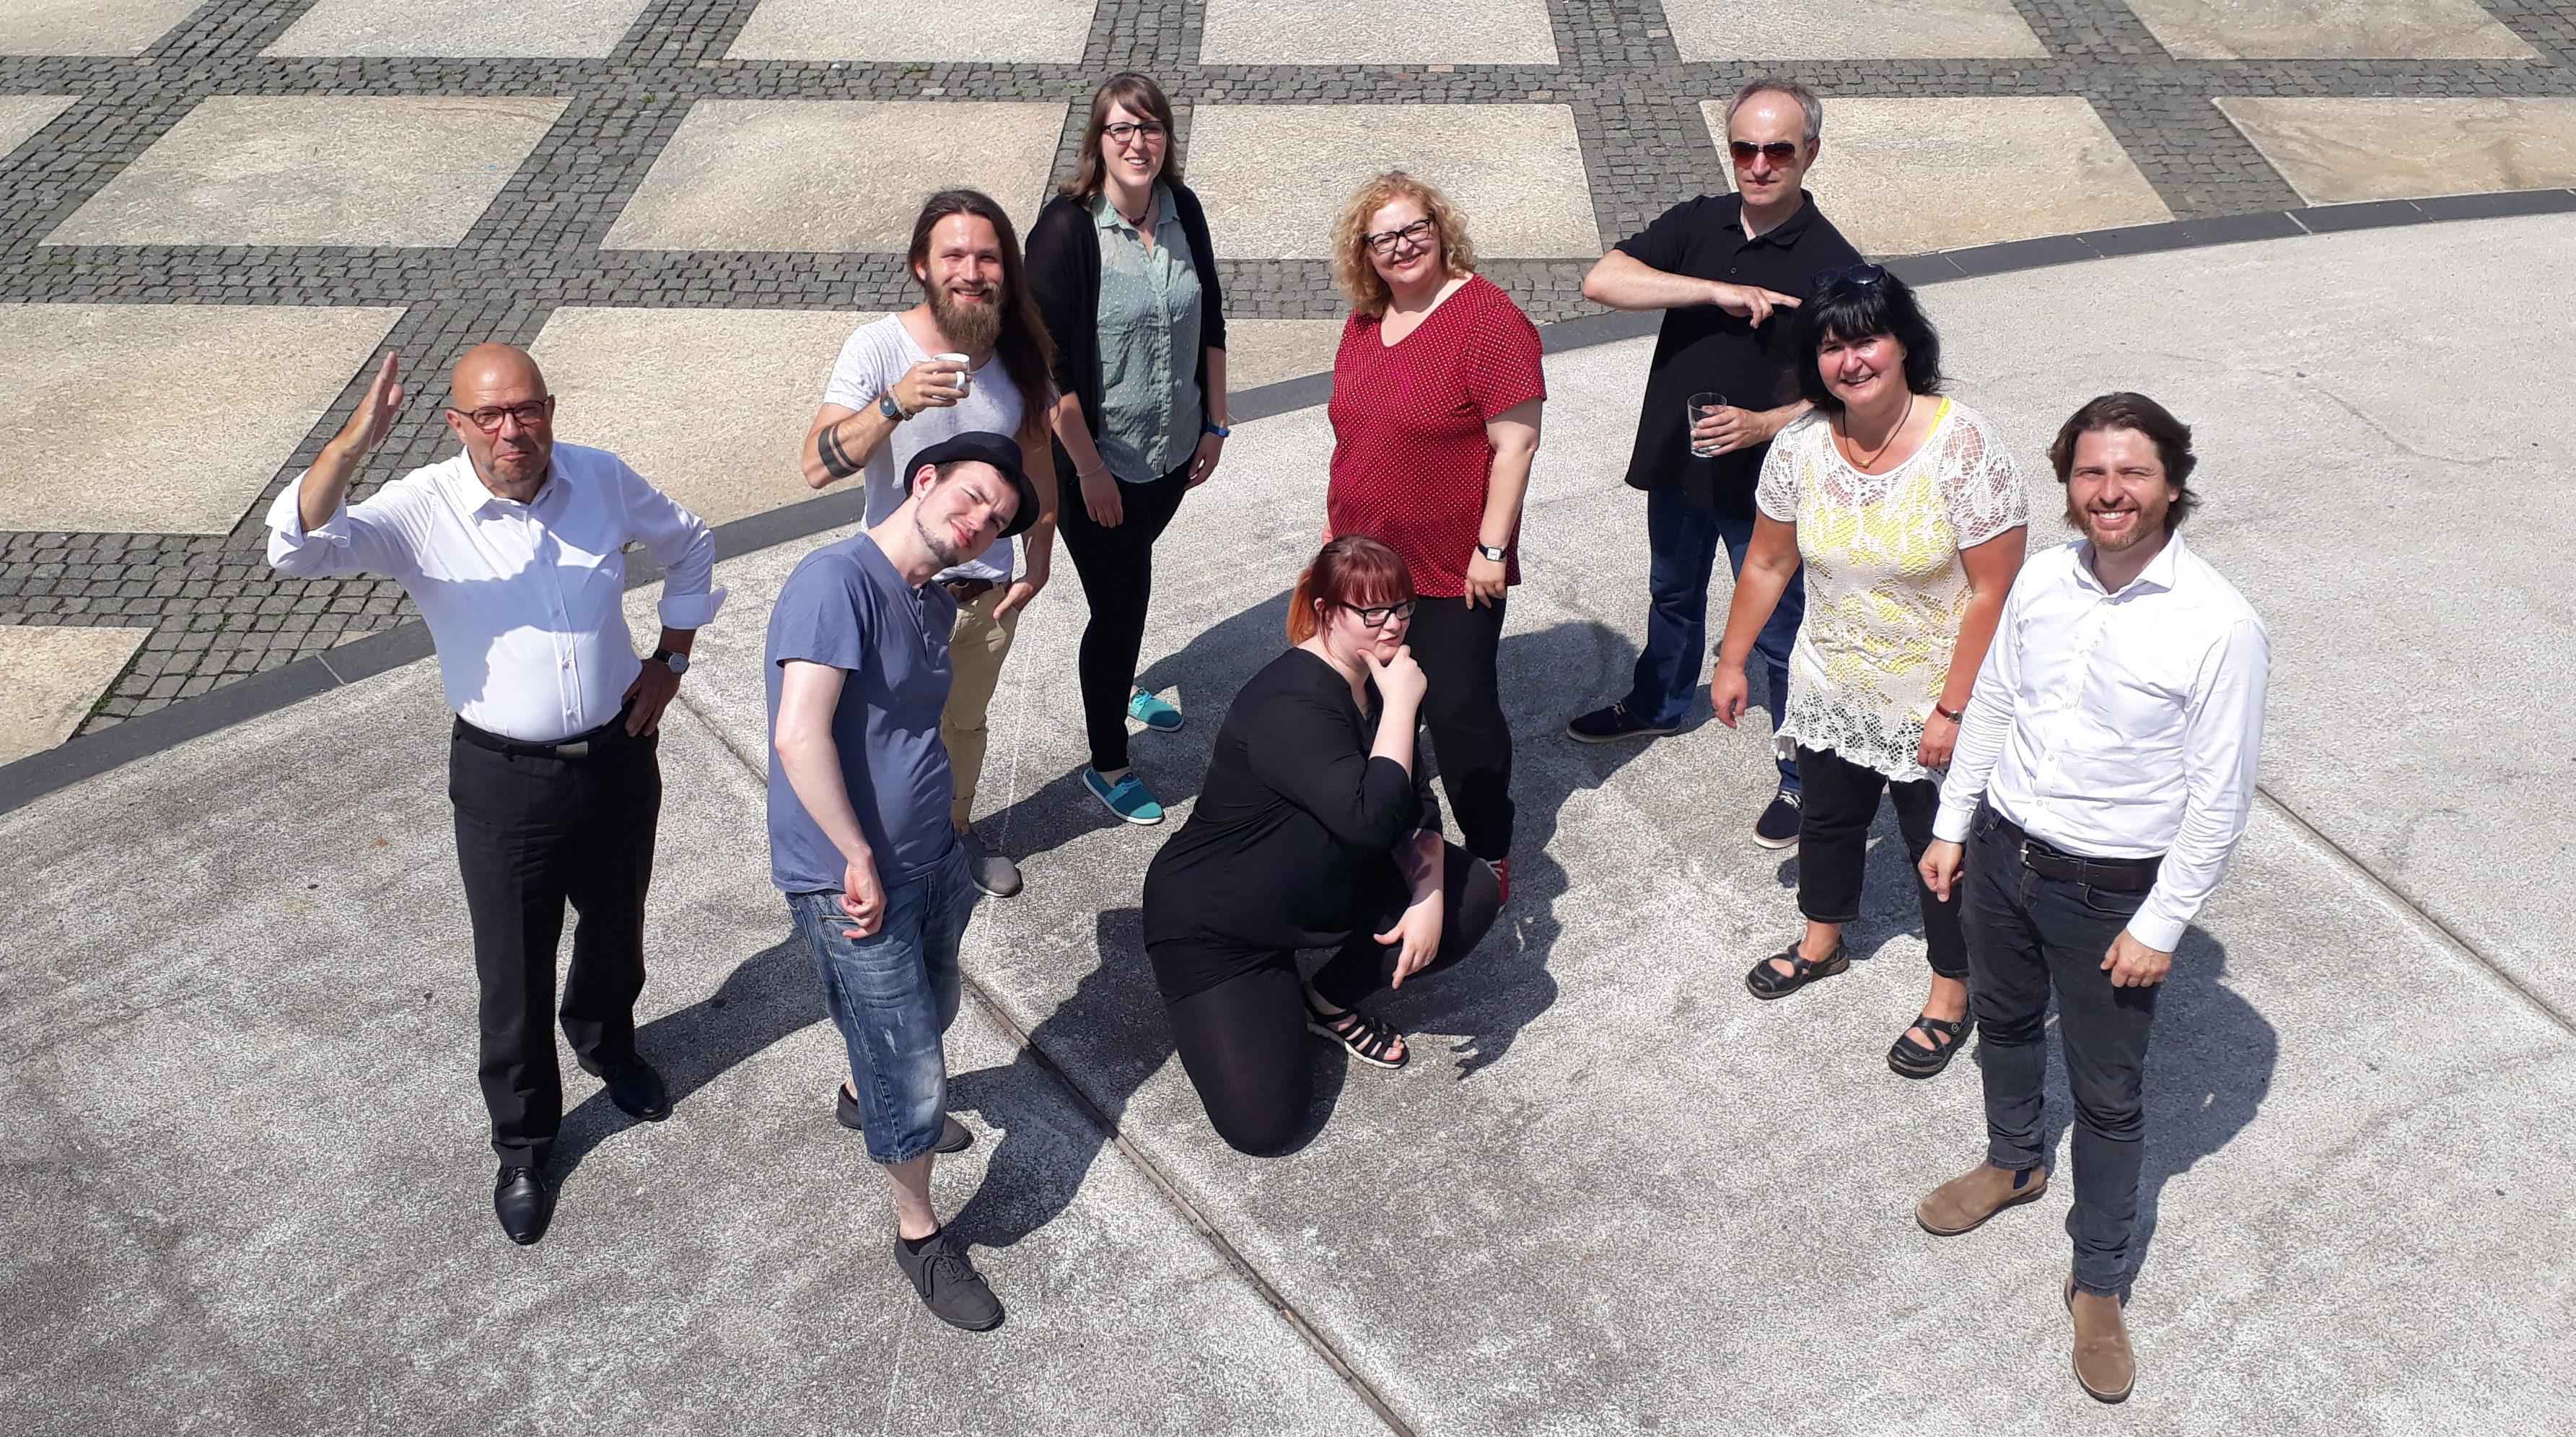 Gruppenbild mit verschiedenen Posen auf dem Theaterplatz